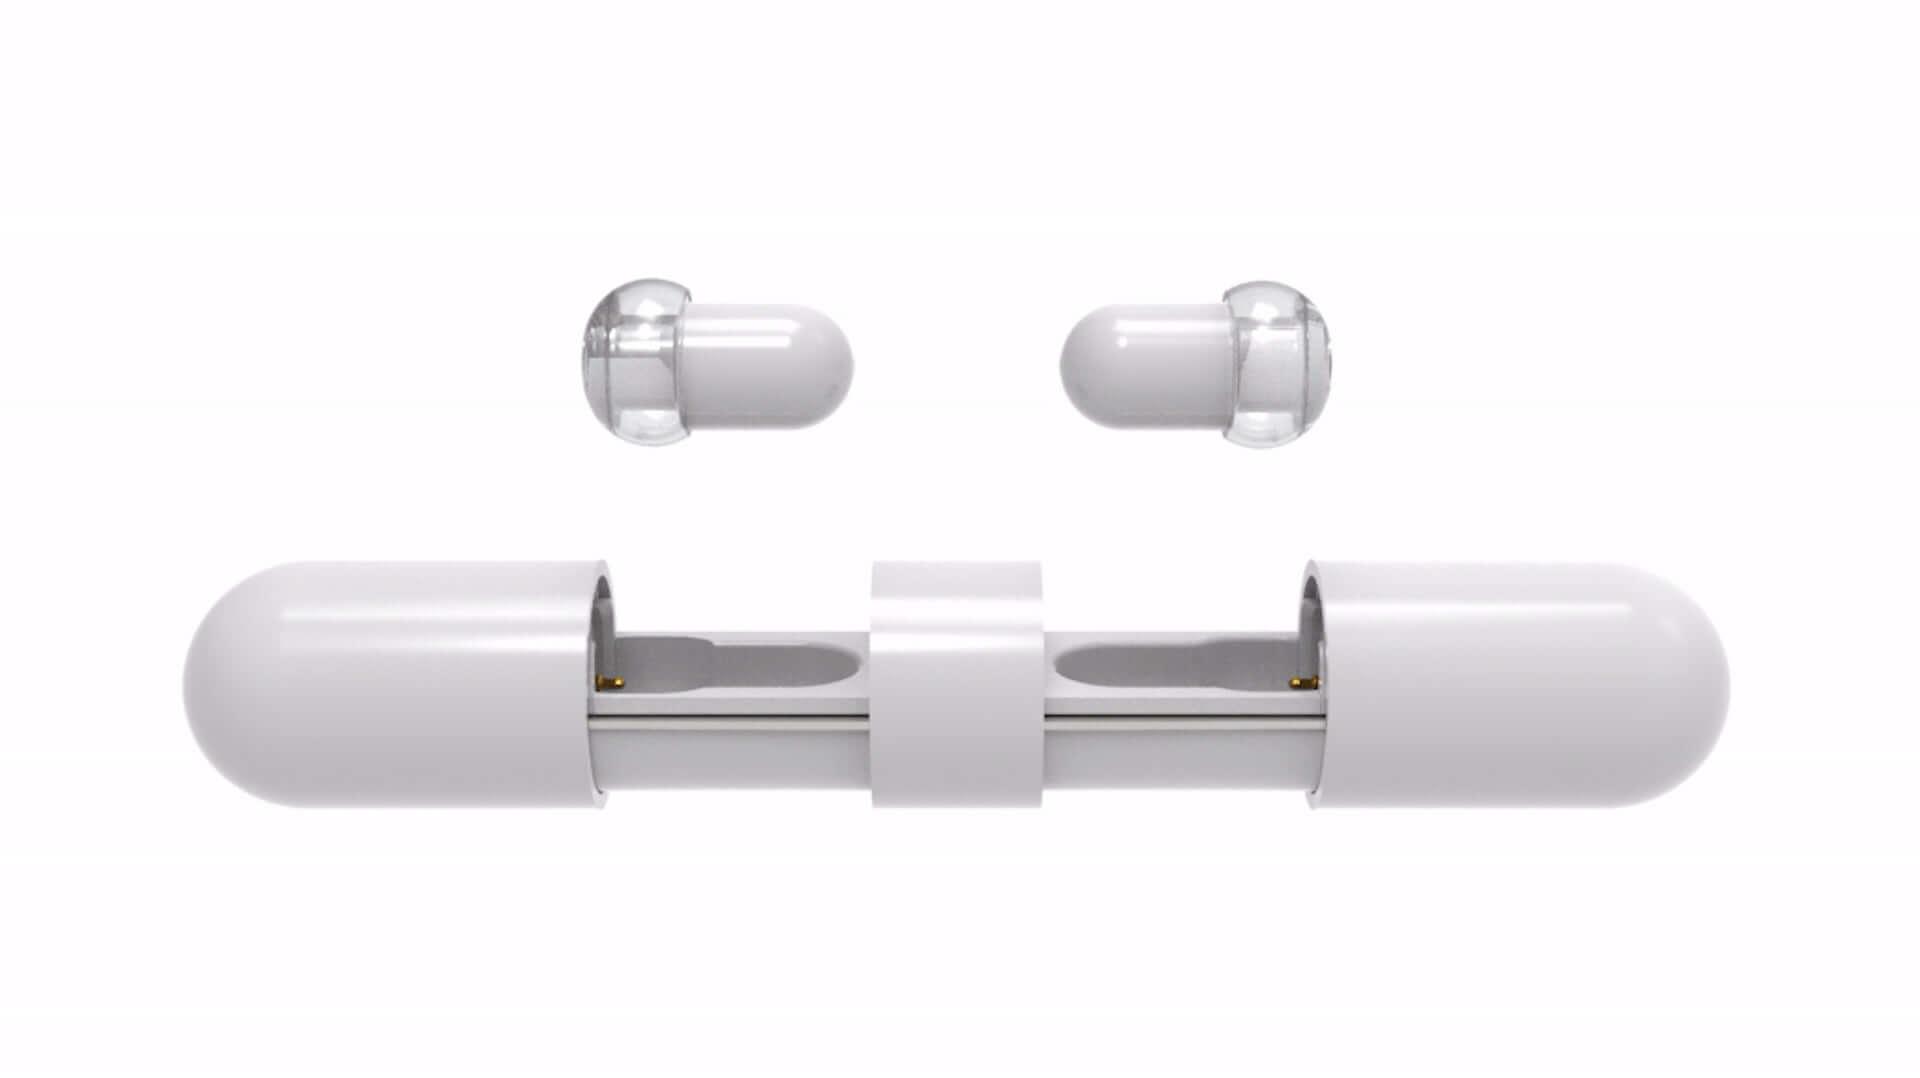 片耳1.3g!世界最小ワイヤレスイヤホン「GRAIN」がクラウドファンディングサイトにて予約販売開始 technology190701grain_5-1920x1078